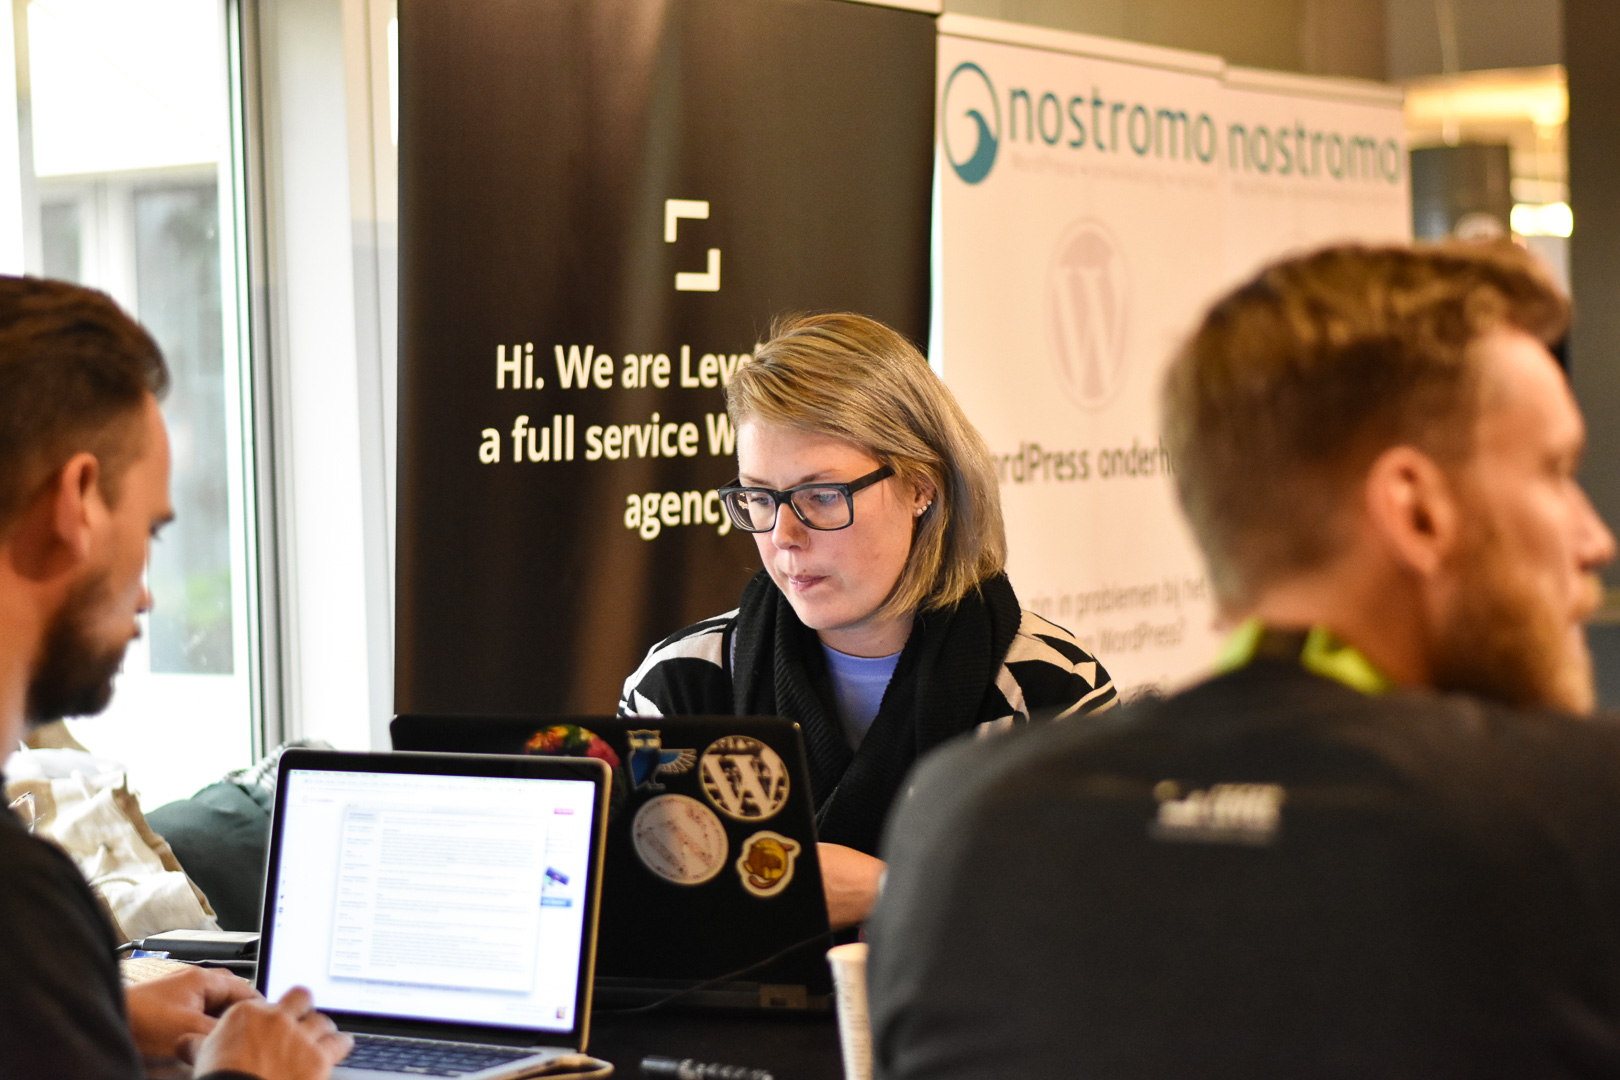 WordCamp Utrecht, Rosanne Van Staalduinen